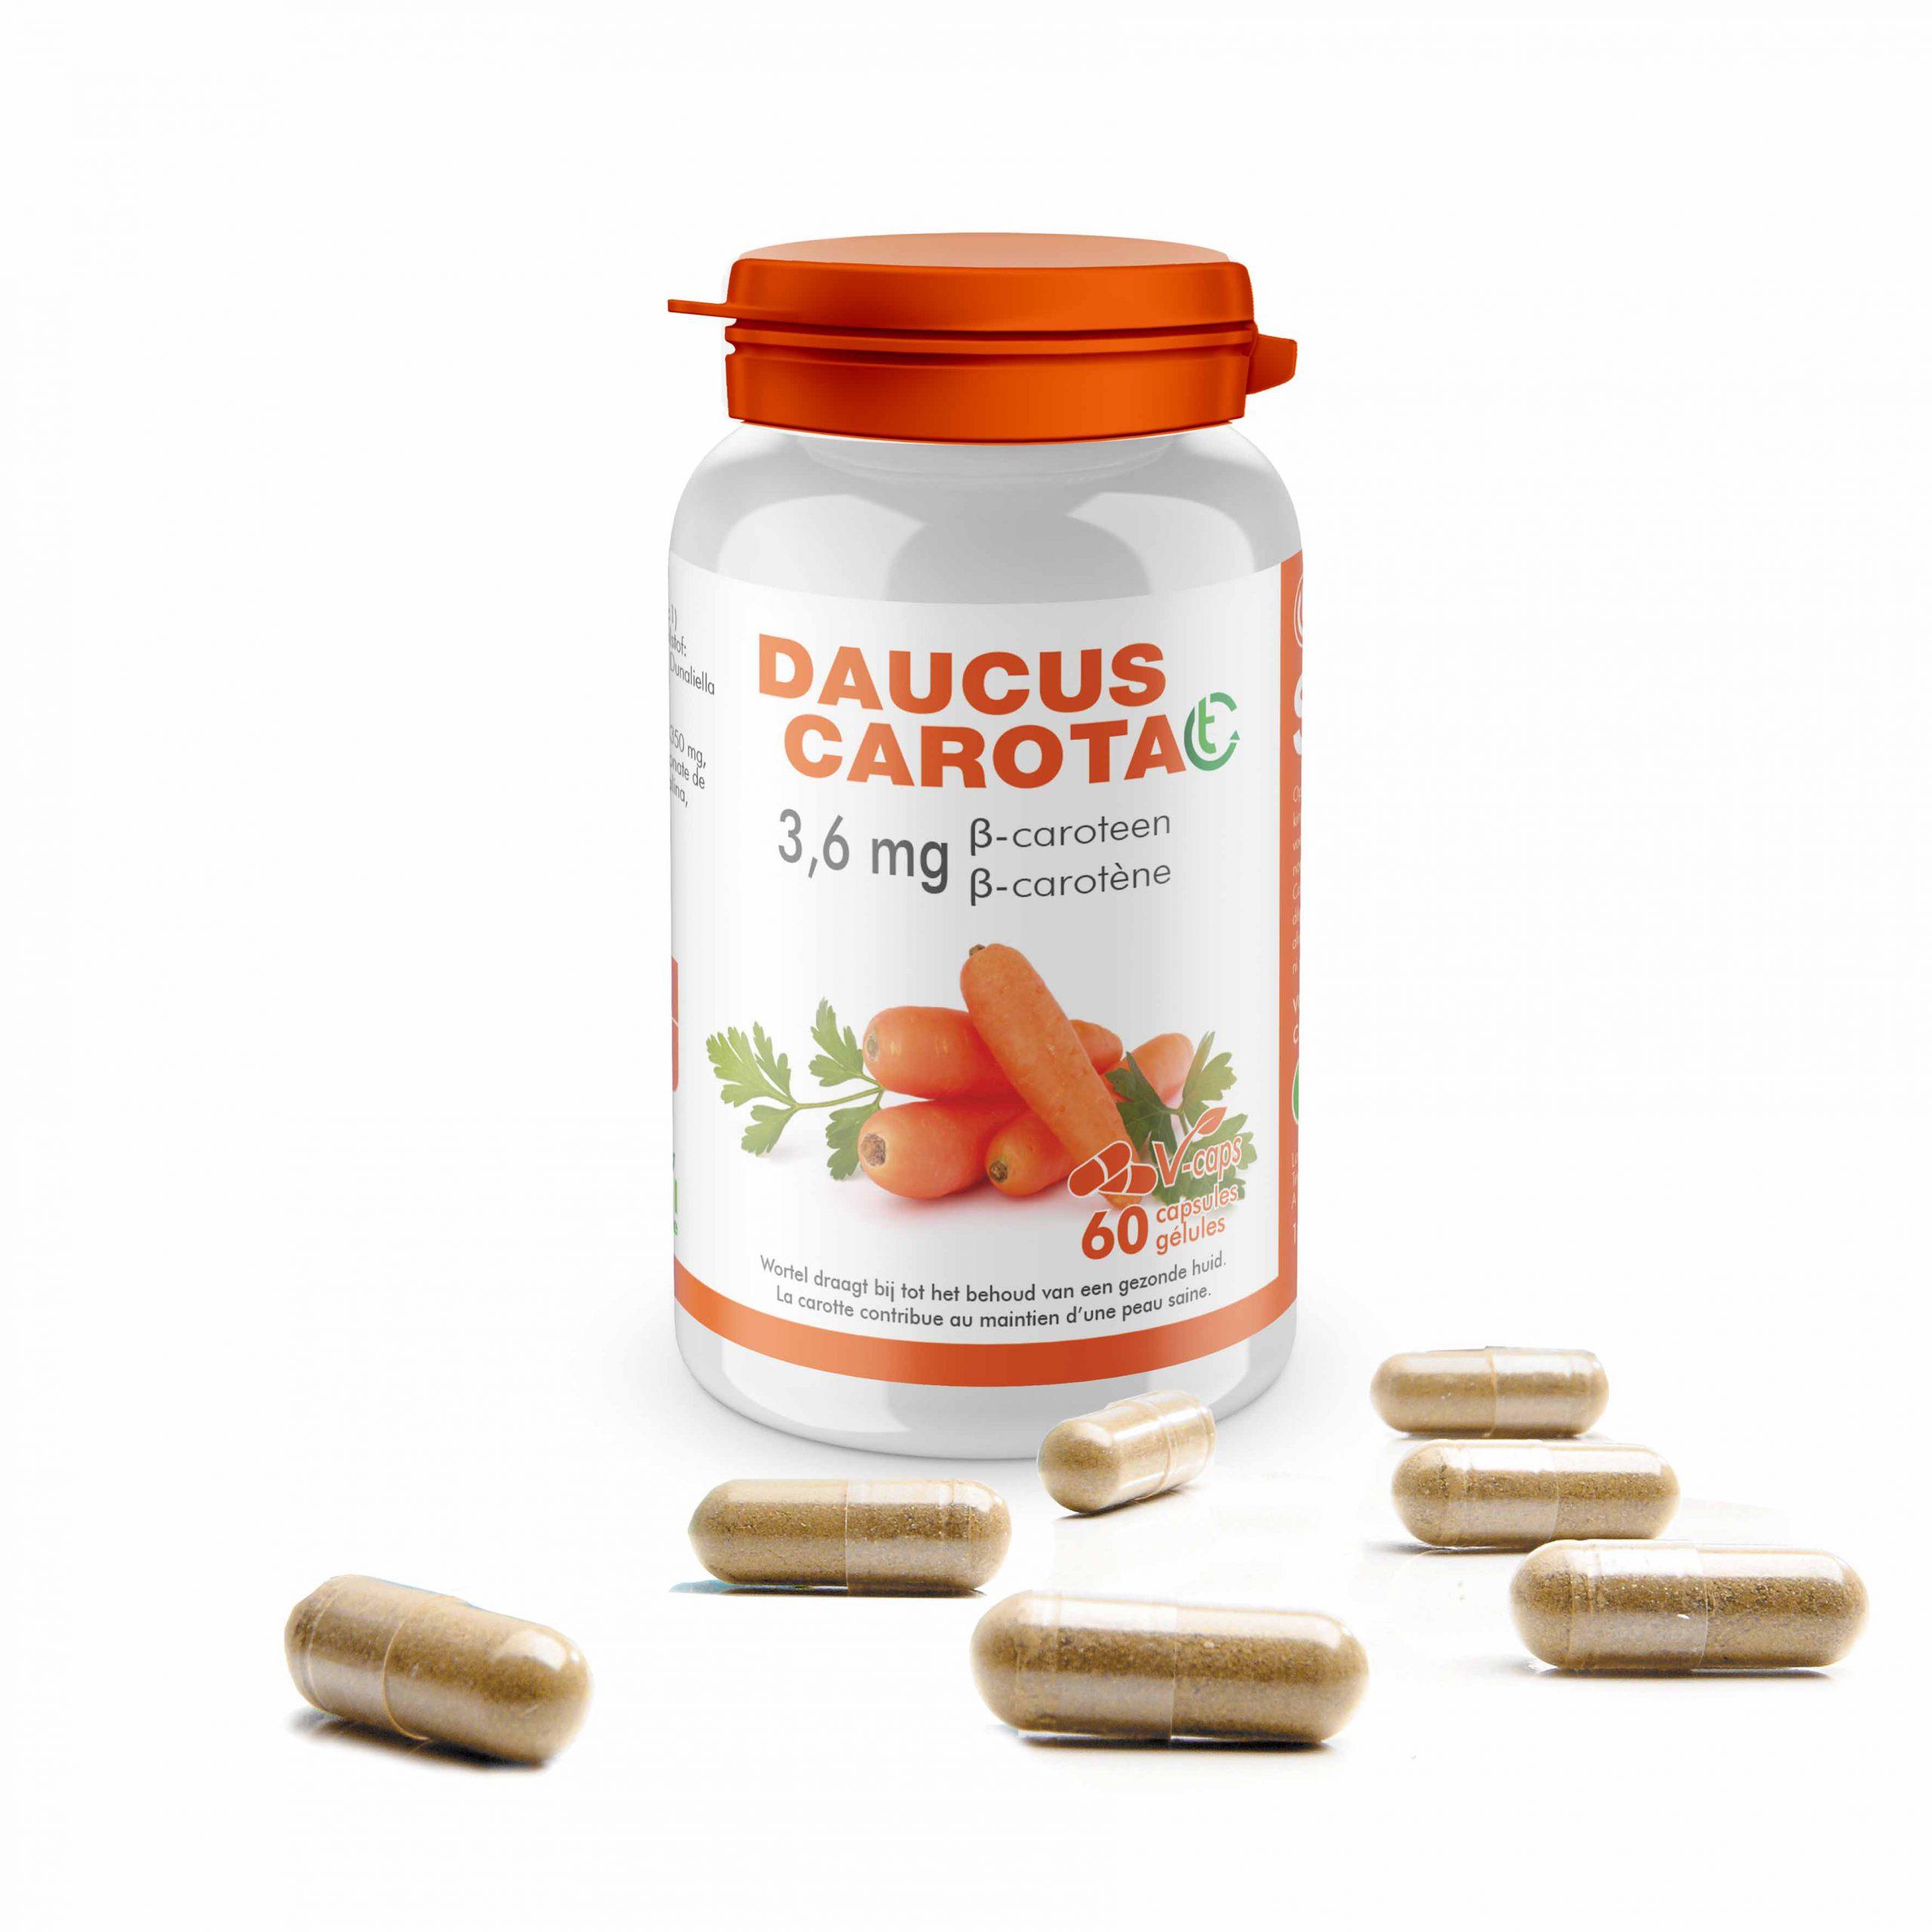 Daucus carota CT